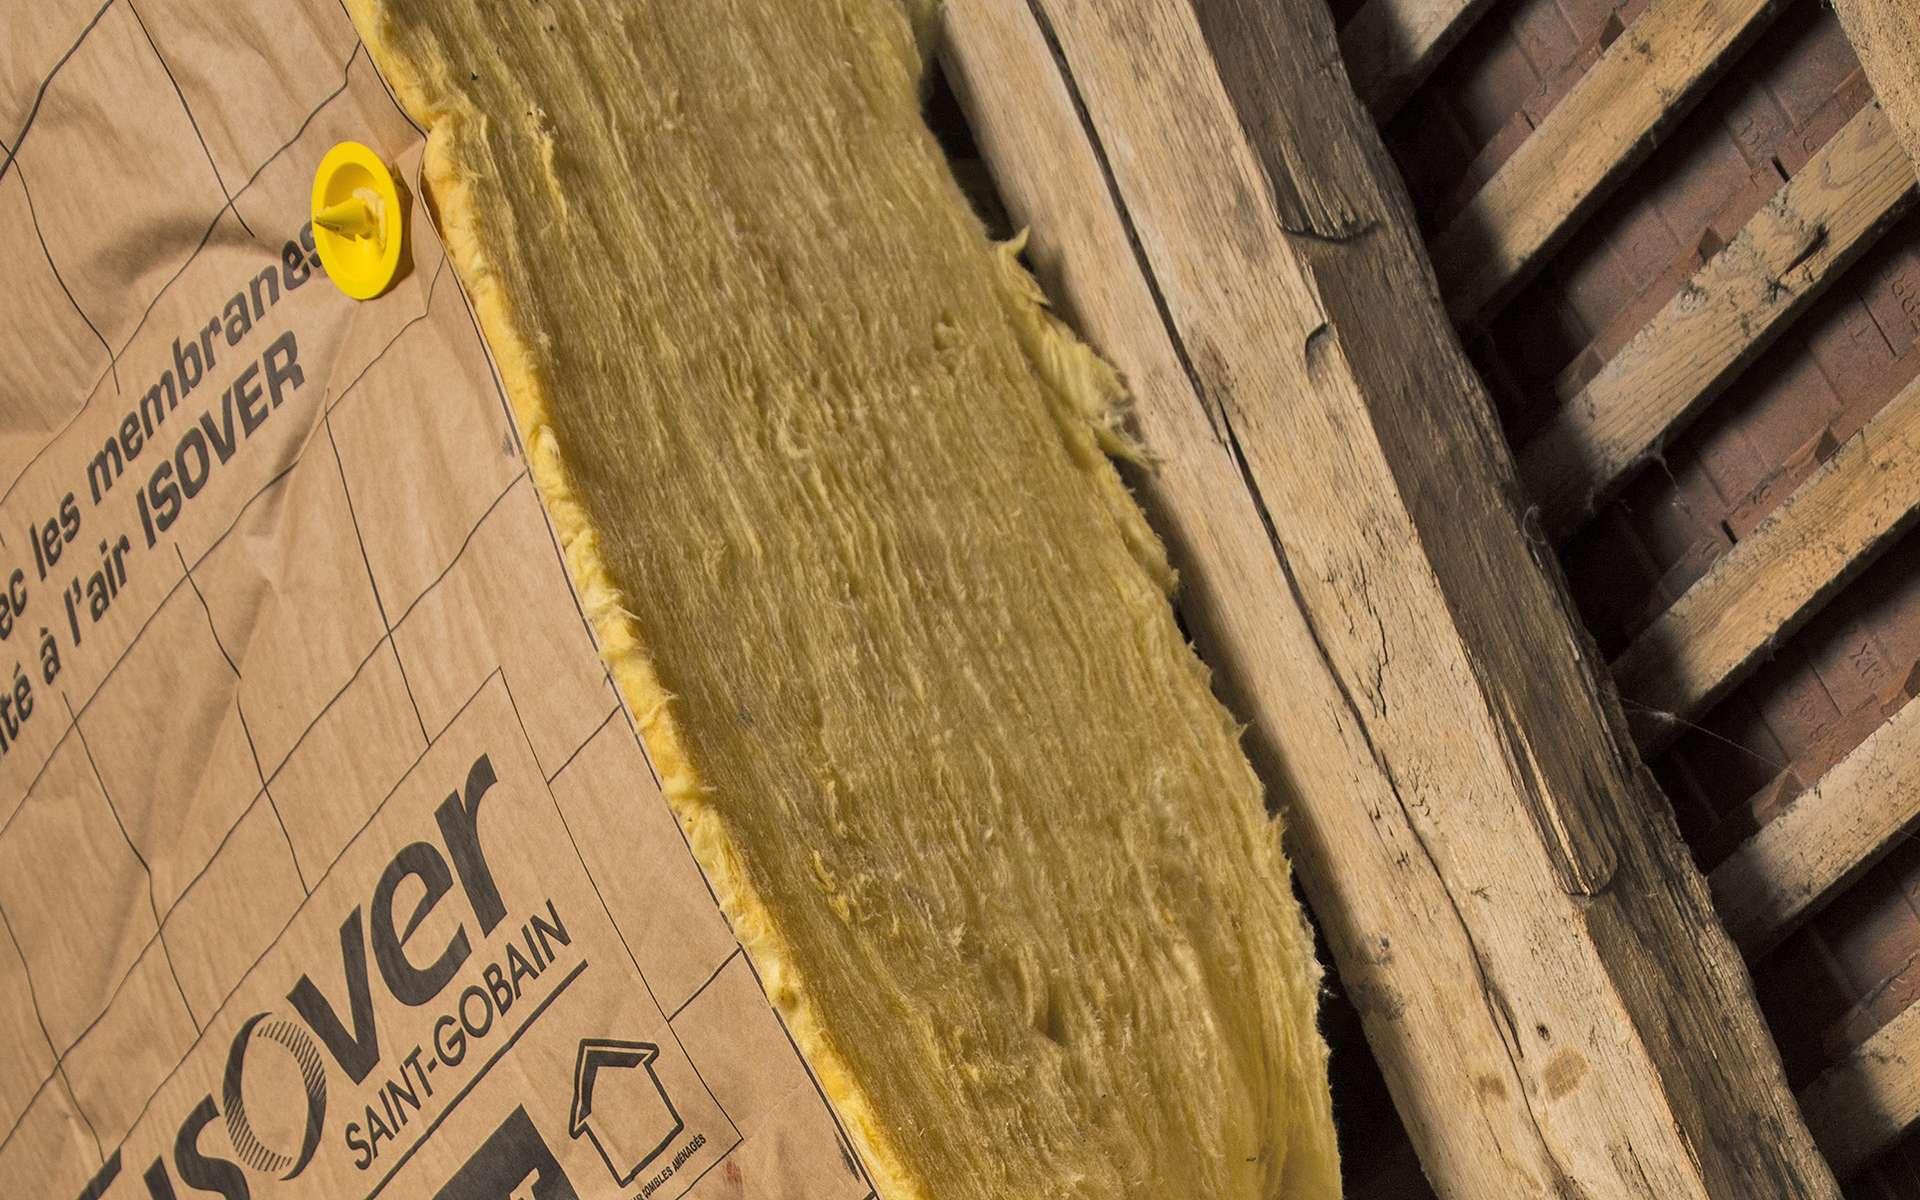 Le matelas de 30 cm d'épaisseur de cette nouvelle laine de verre permet d'isoler des combles aménagés en une seule couche tout en respectant les impératifs de la future réglementation thermique. © Isover